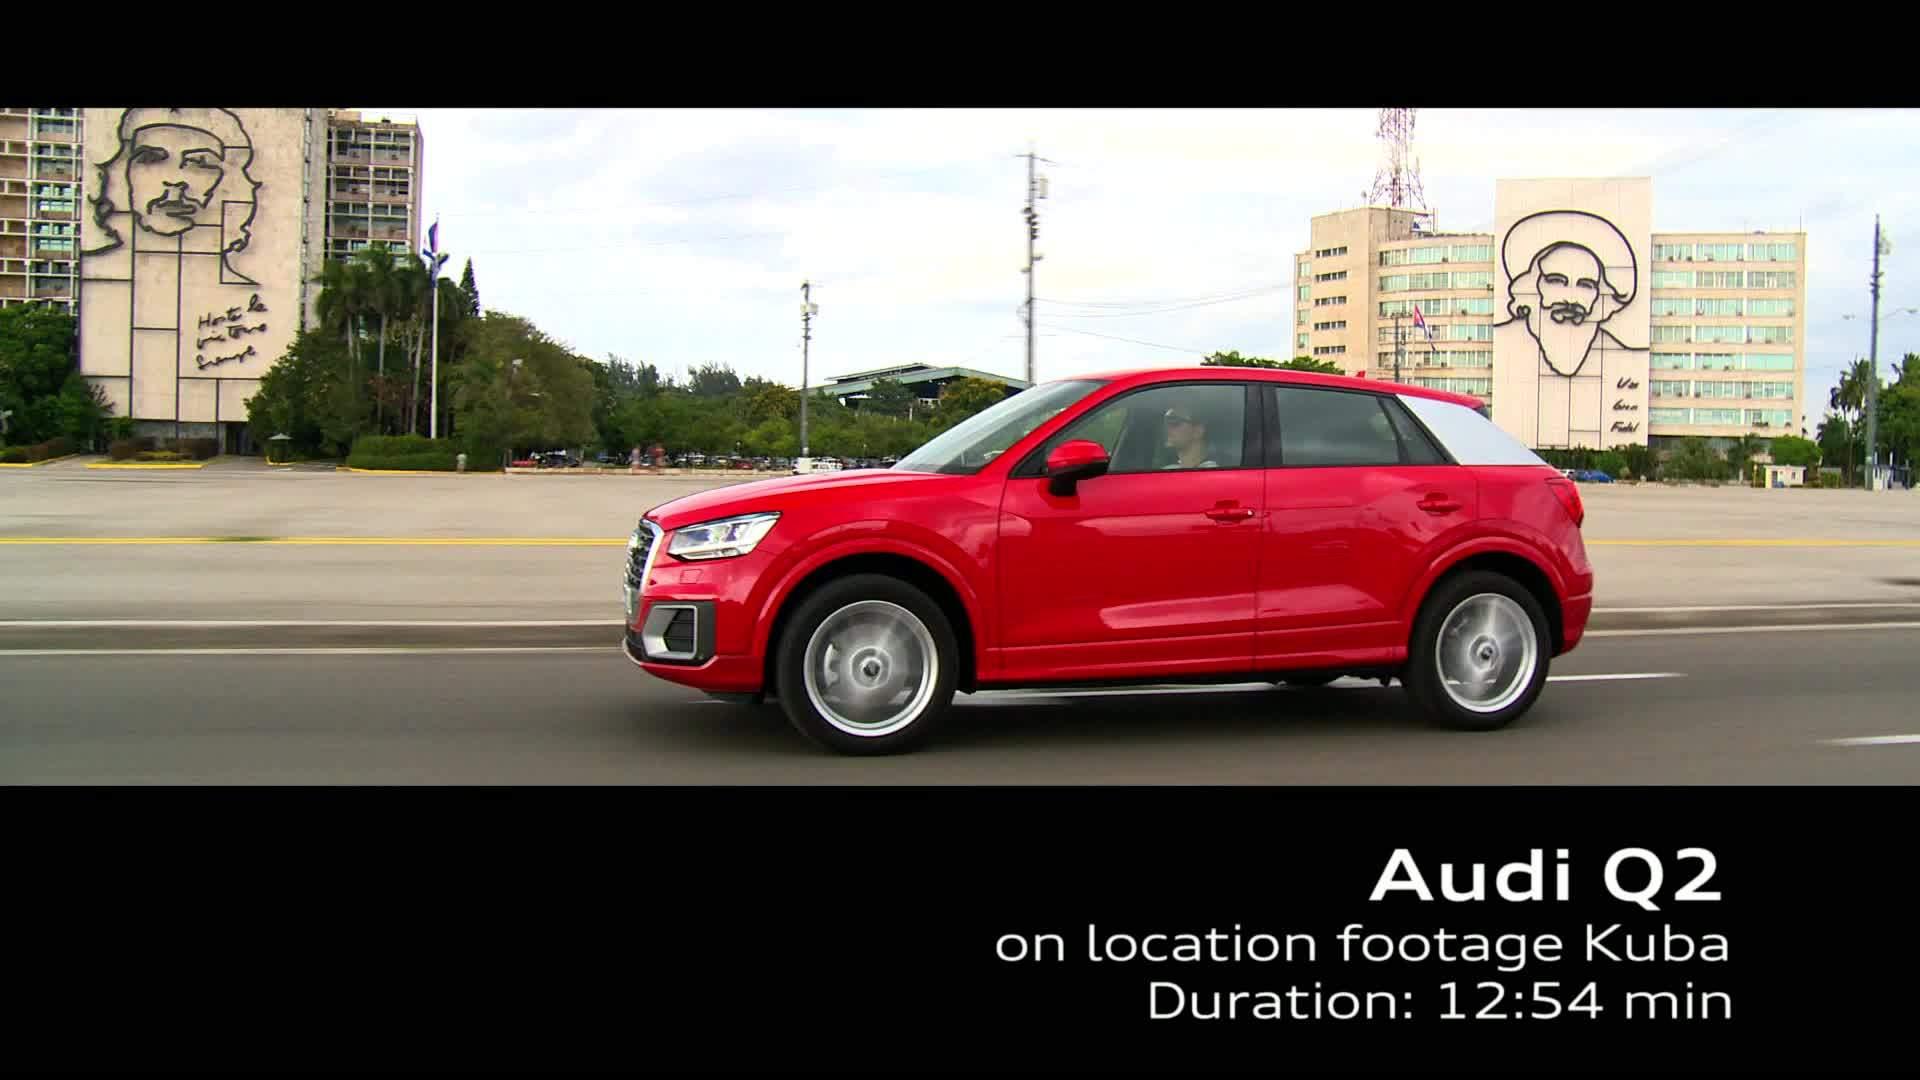 Audi Q2 - Footage Cuba